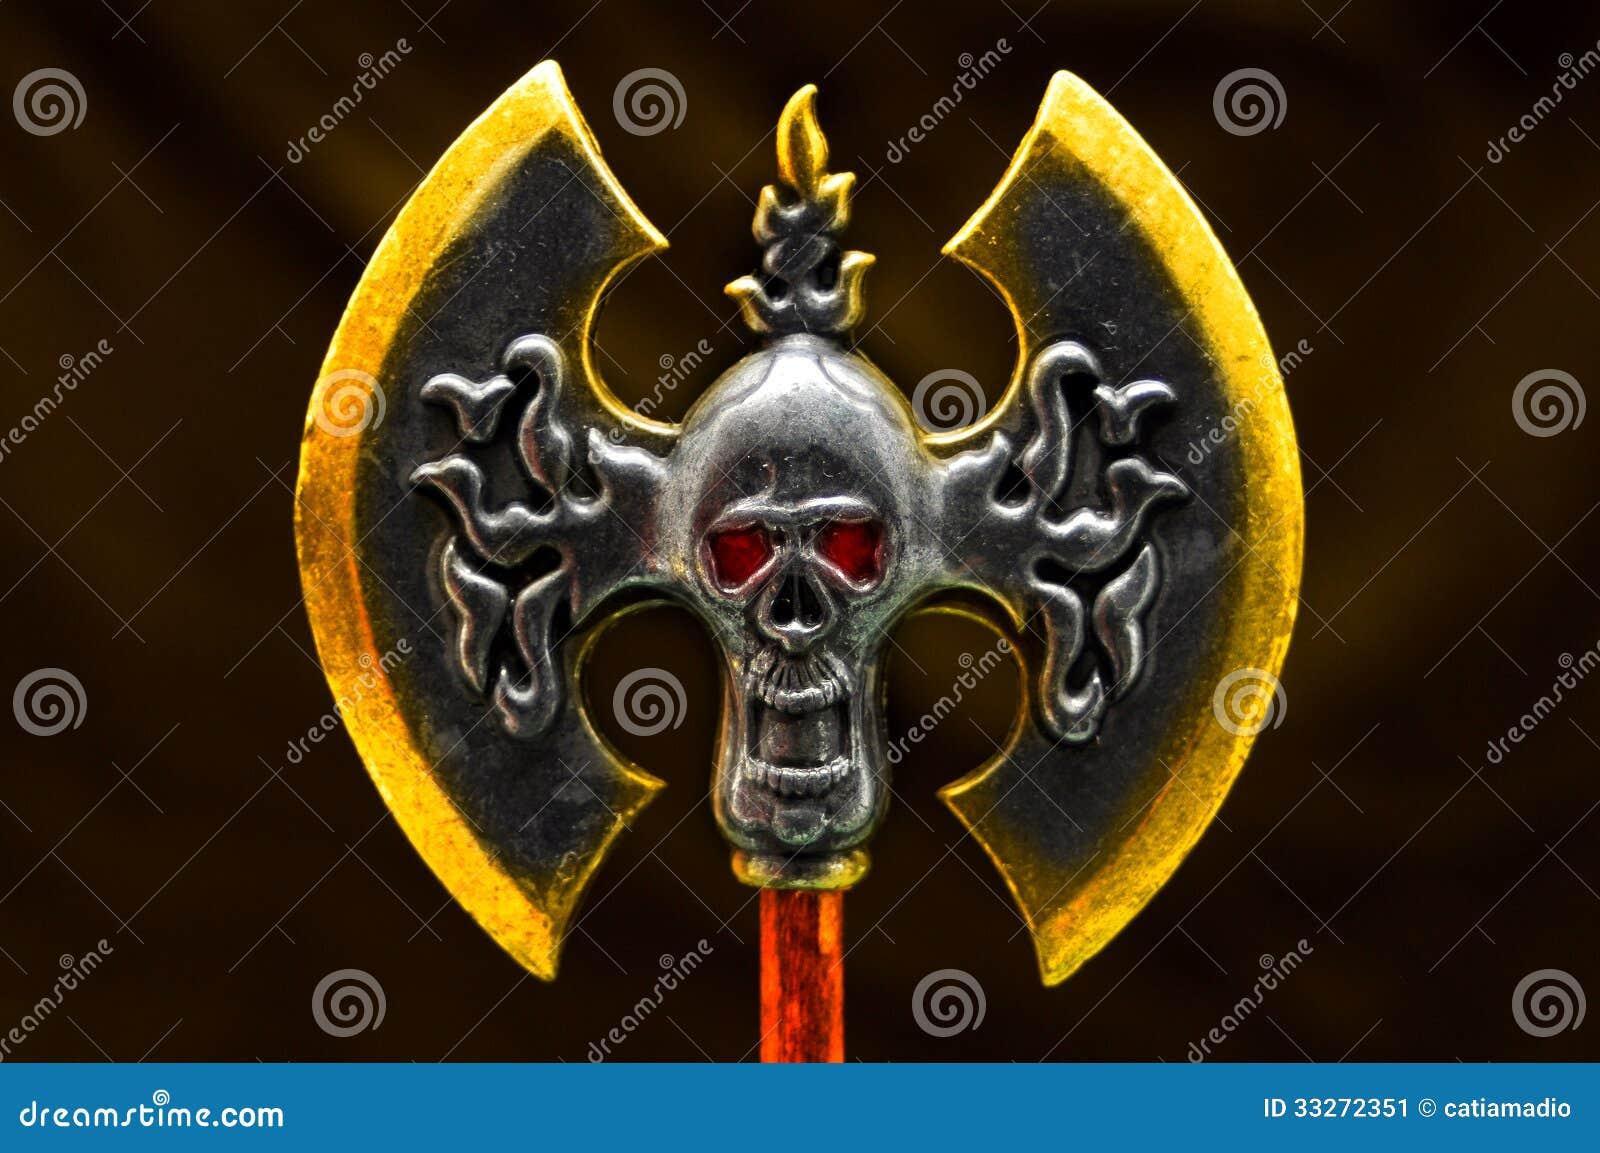 Fantasy double axe